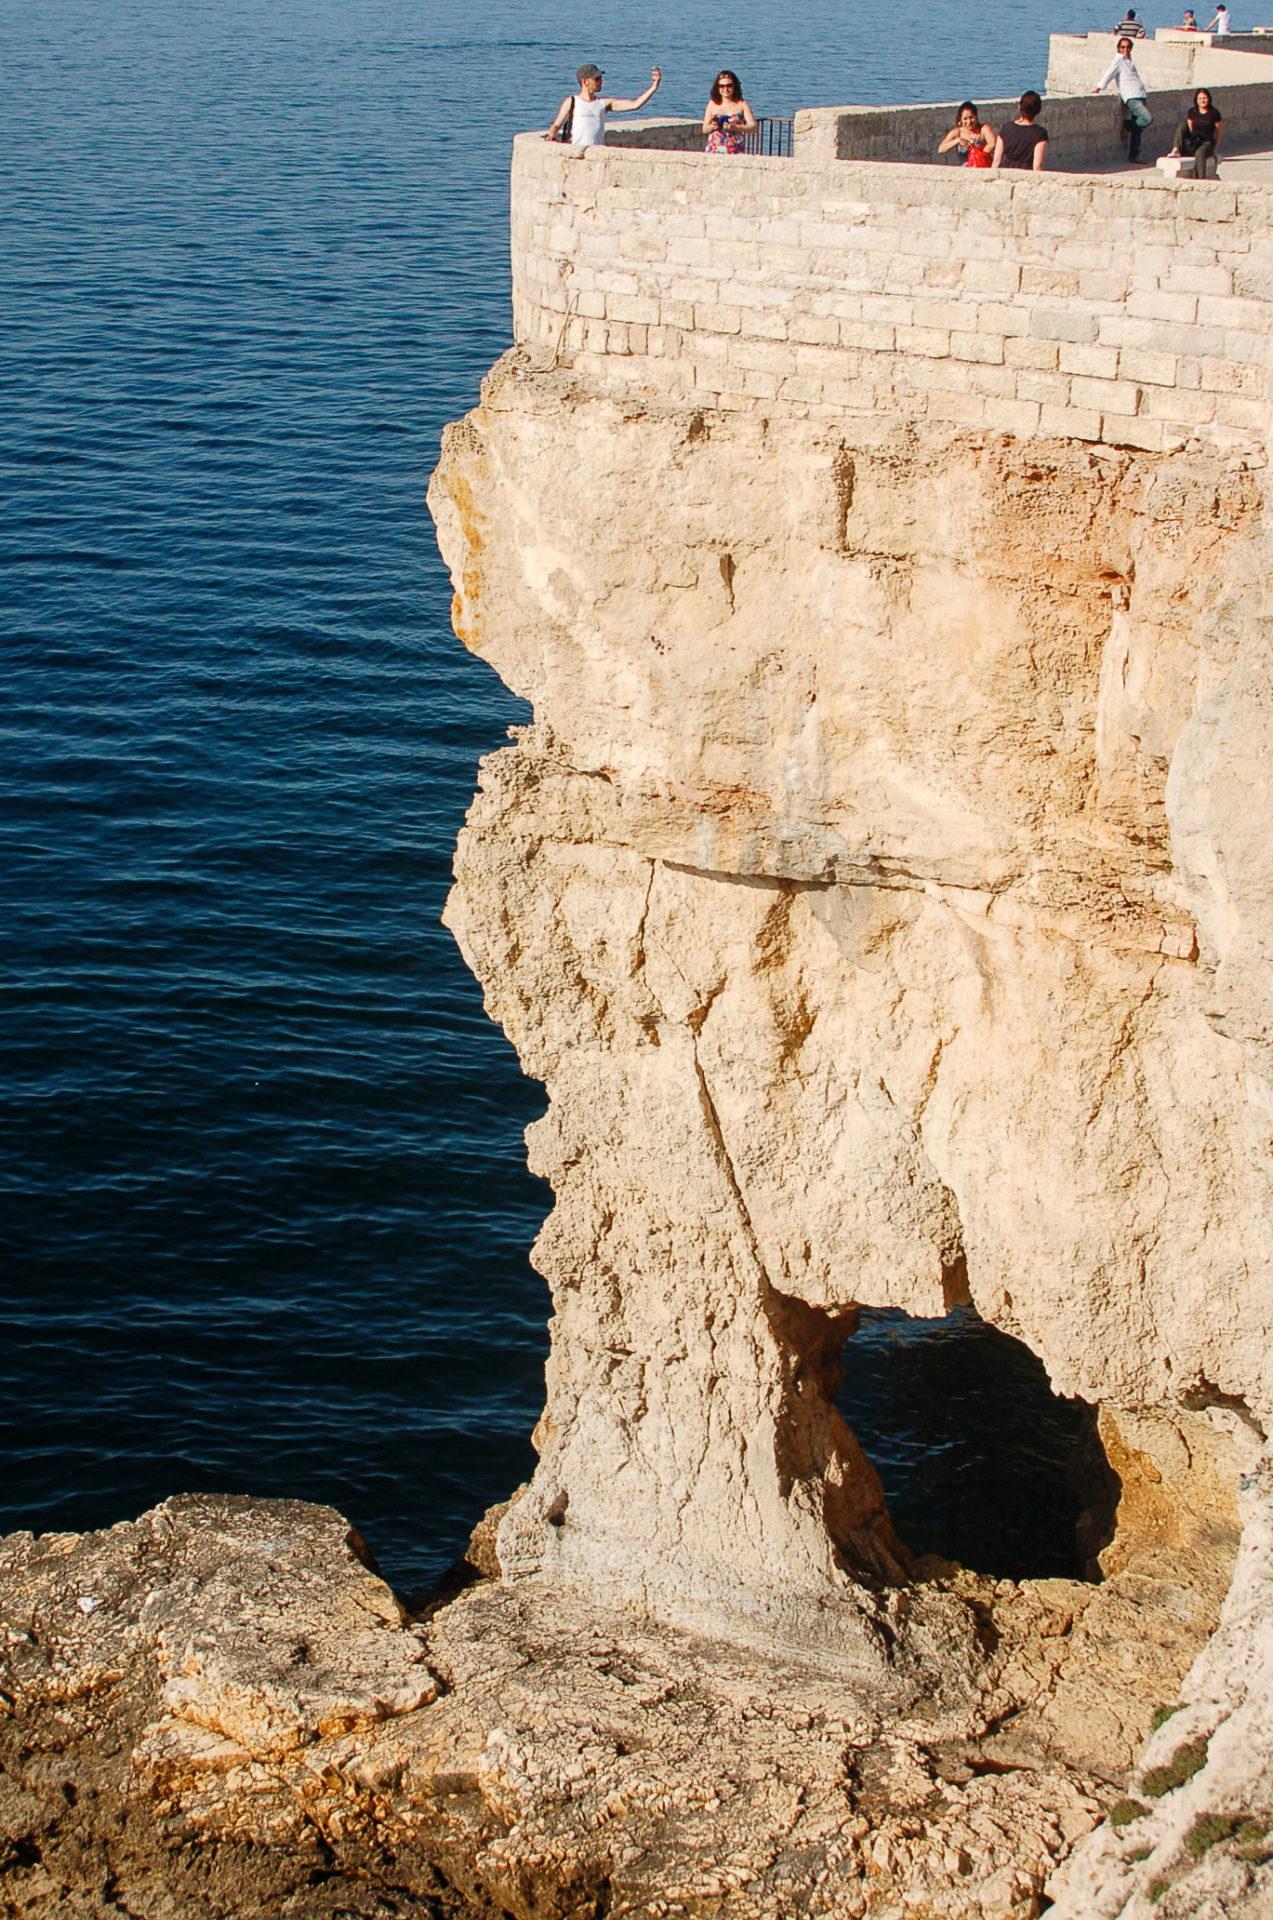 Neben den Trulli von Alberobello gehört die Steilküste von Poignano zu den größten Attraktionen Apuliens